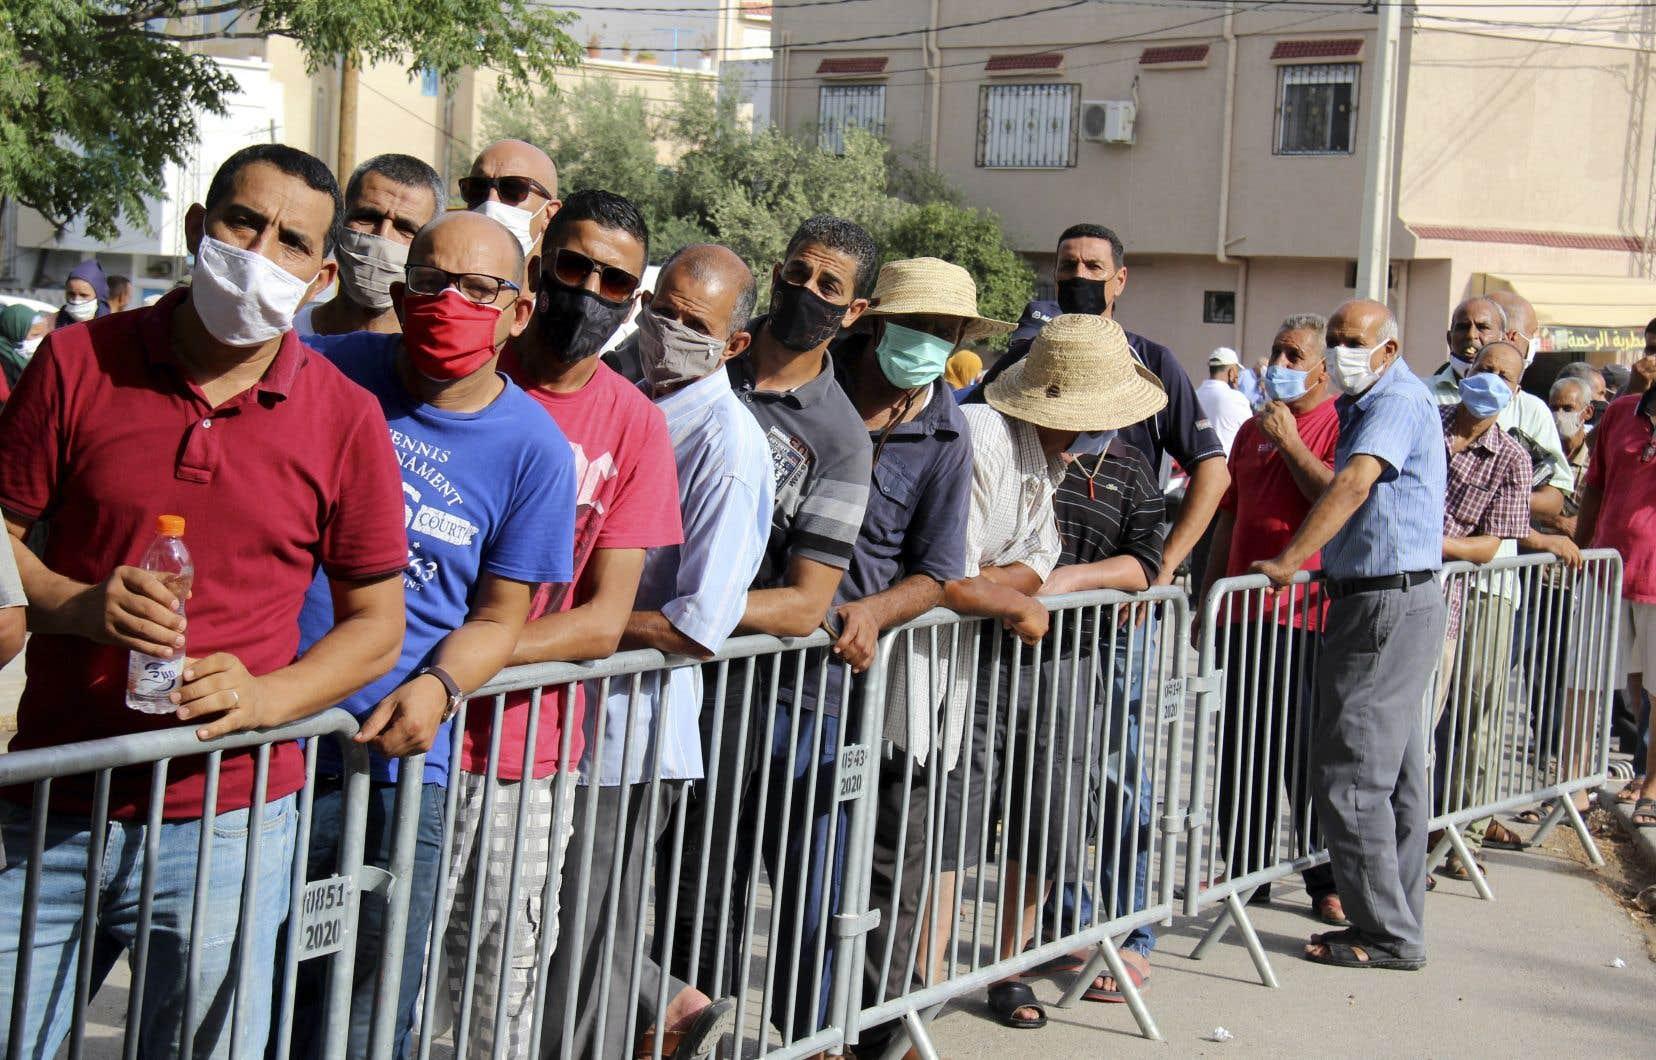 Avec les millions de dons de vaccins qui ont afflué ces dernières semaines, la Tunisie espère vacciner environ 50% de sa population d'ici la mi-octobre, selon les autorités.